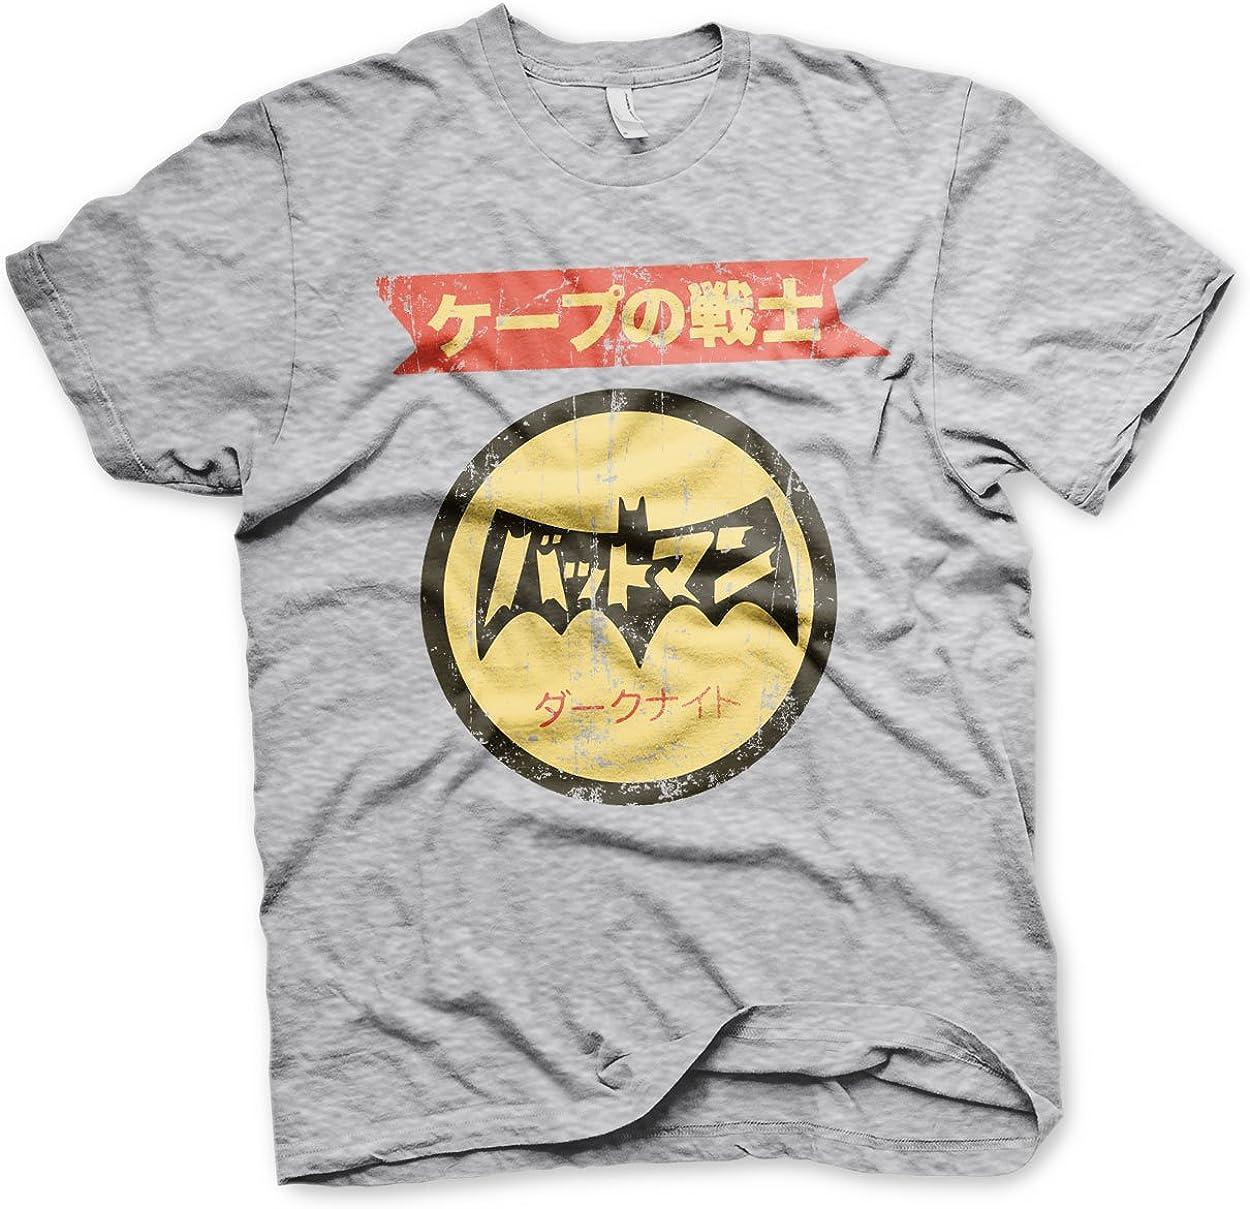 Offiziell Lizenziert Batman Japanisch Retro Logo Herren T-shirt S XXL Größen